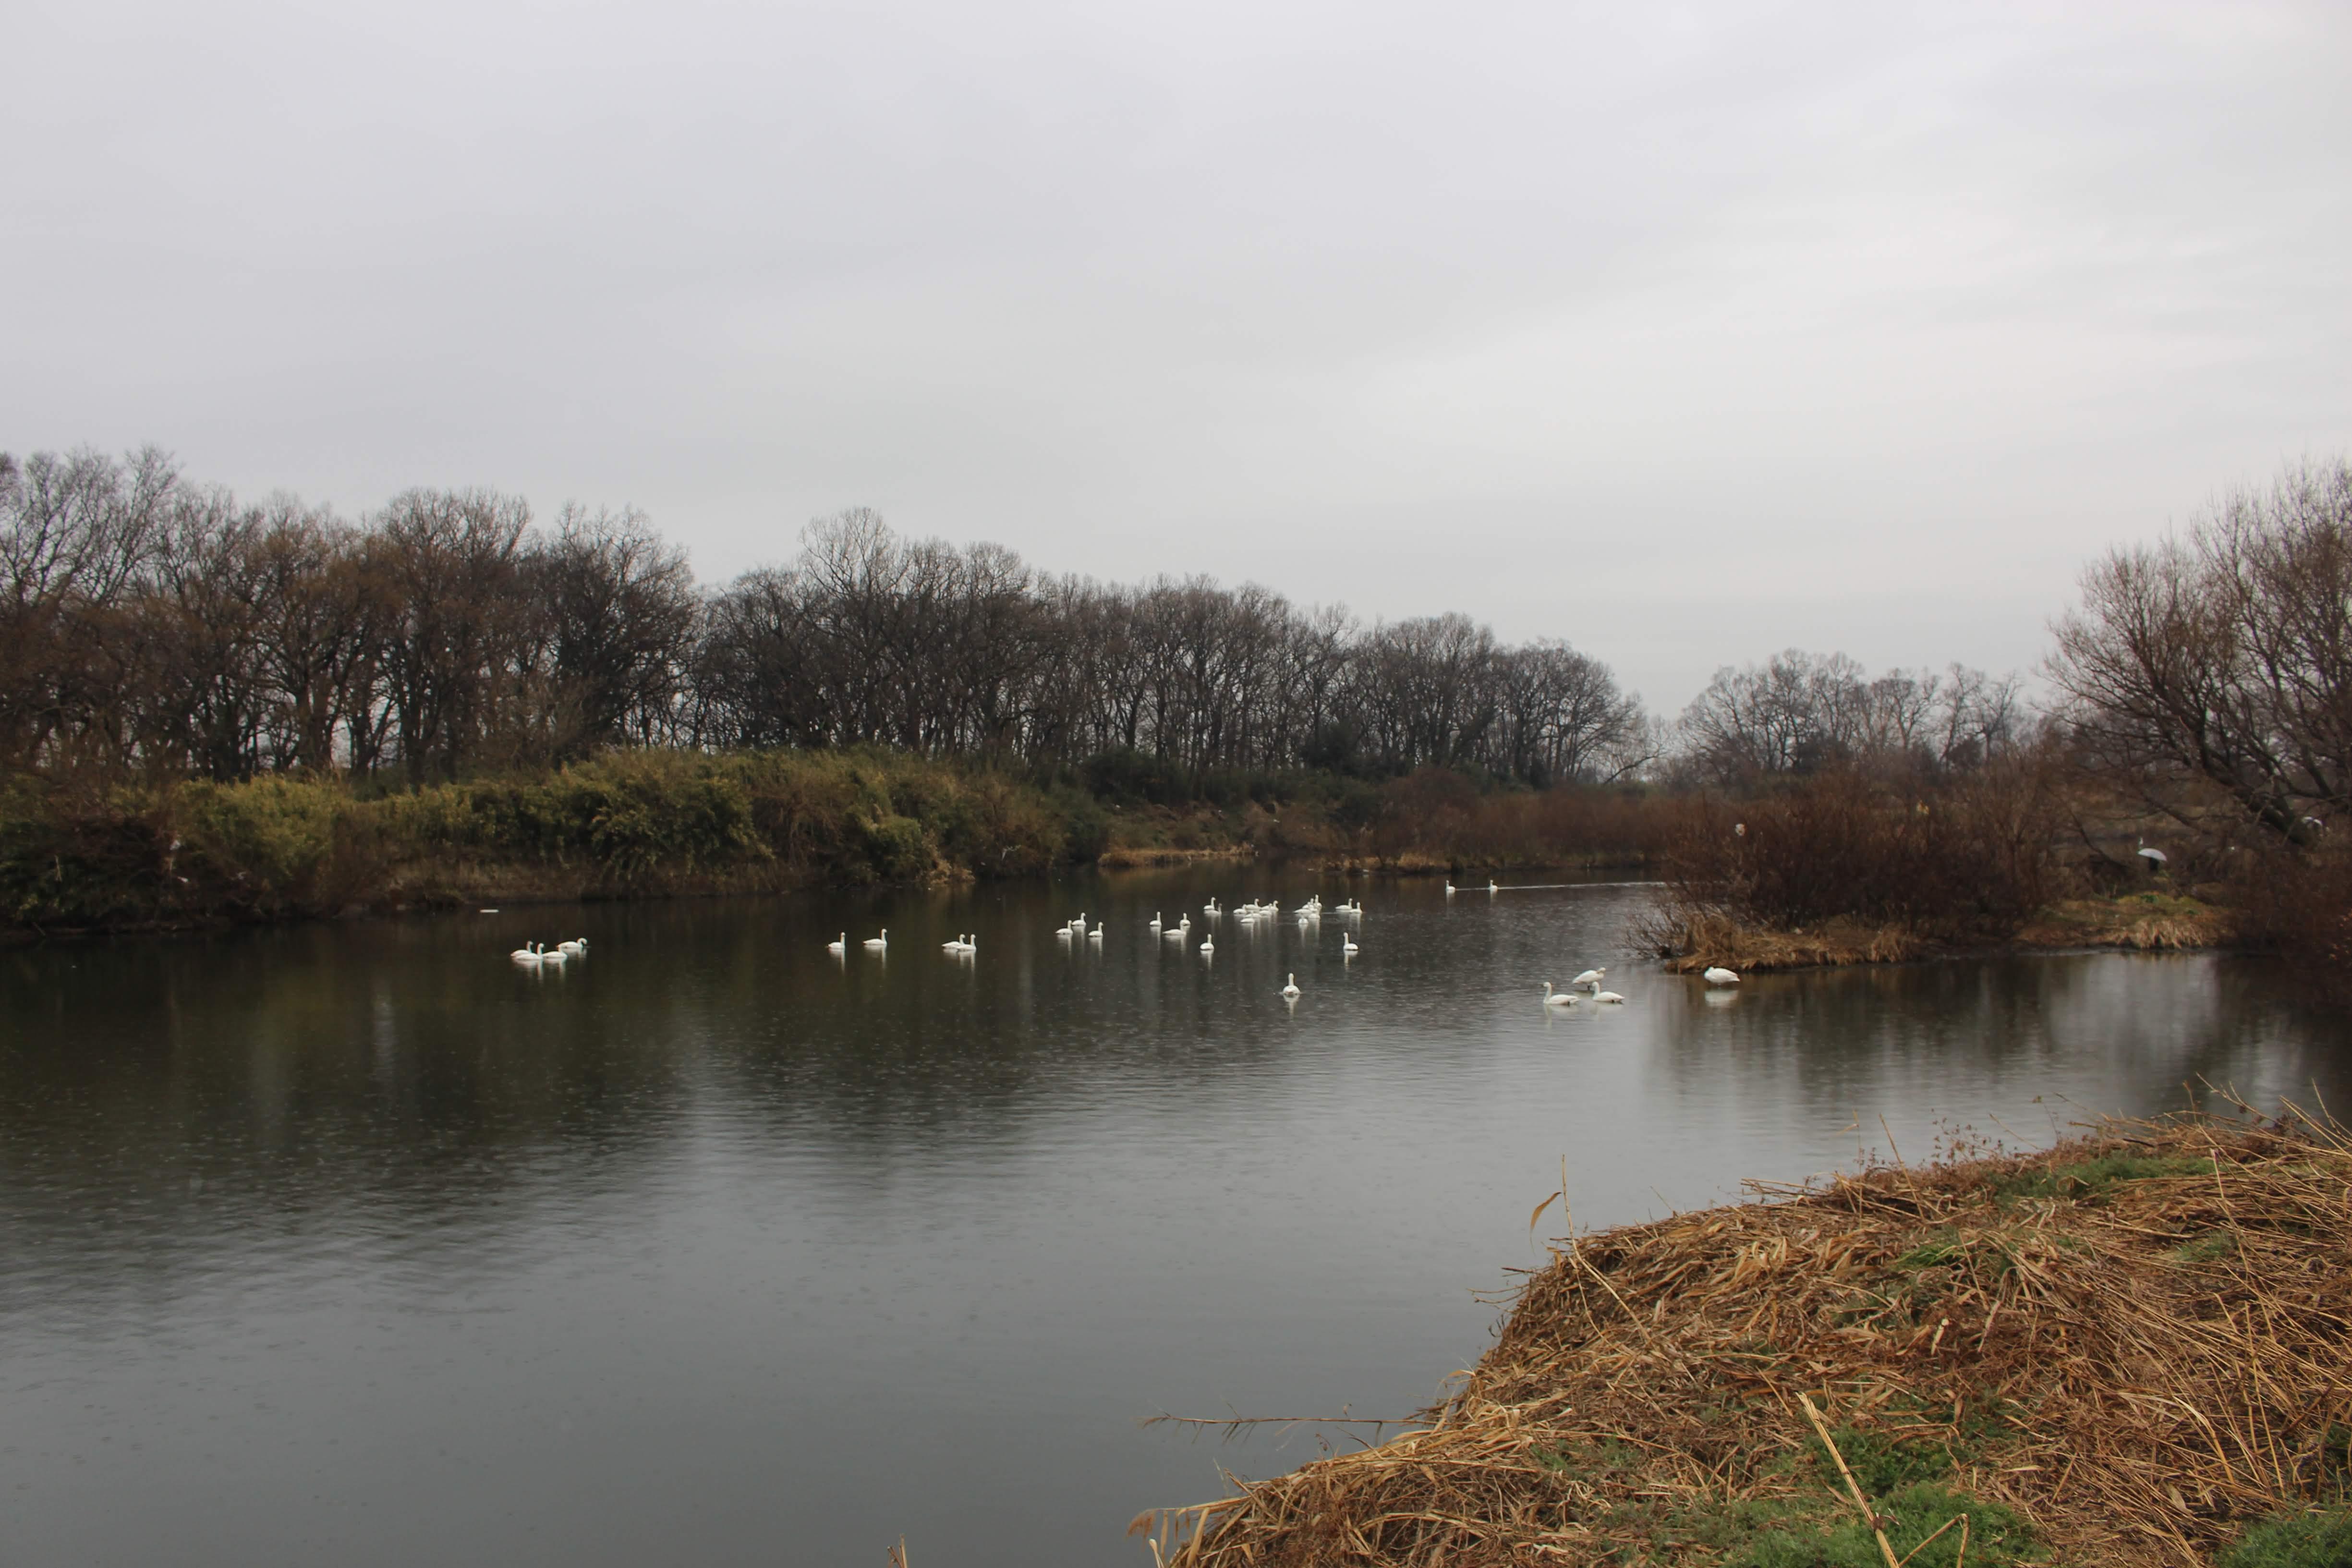 Kawajima swans